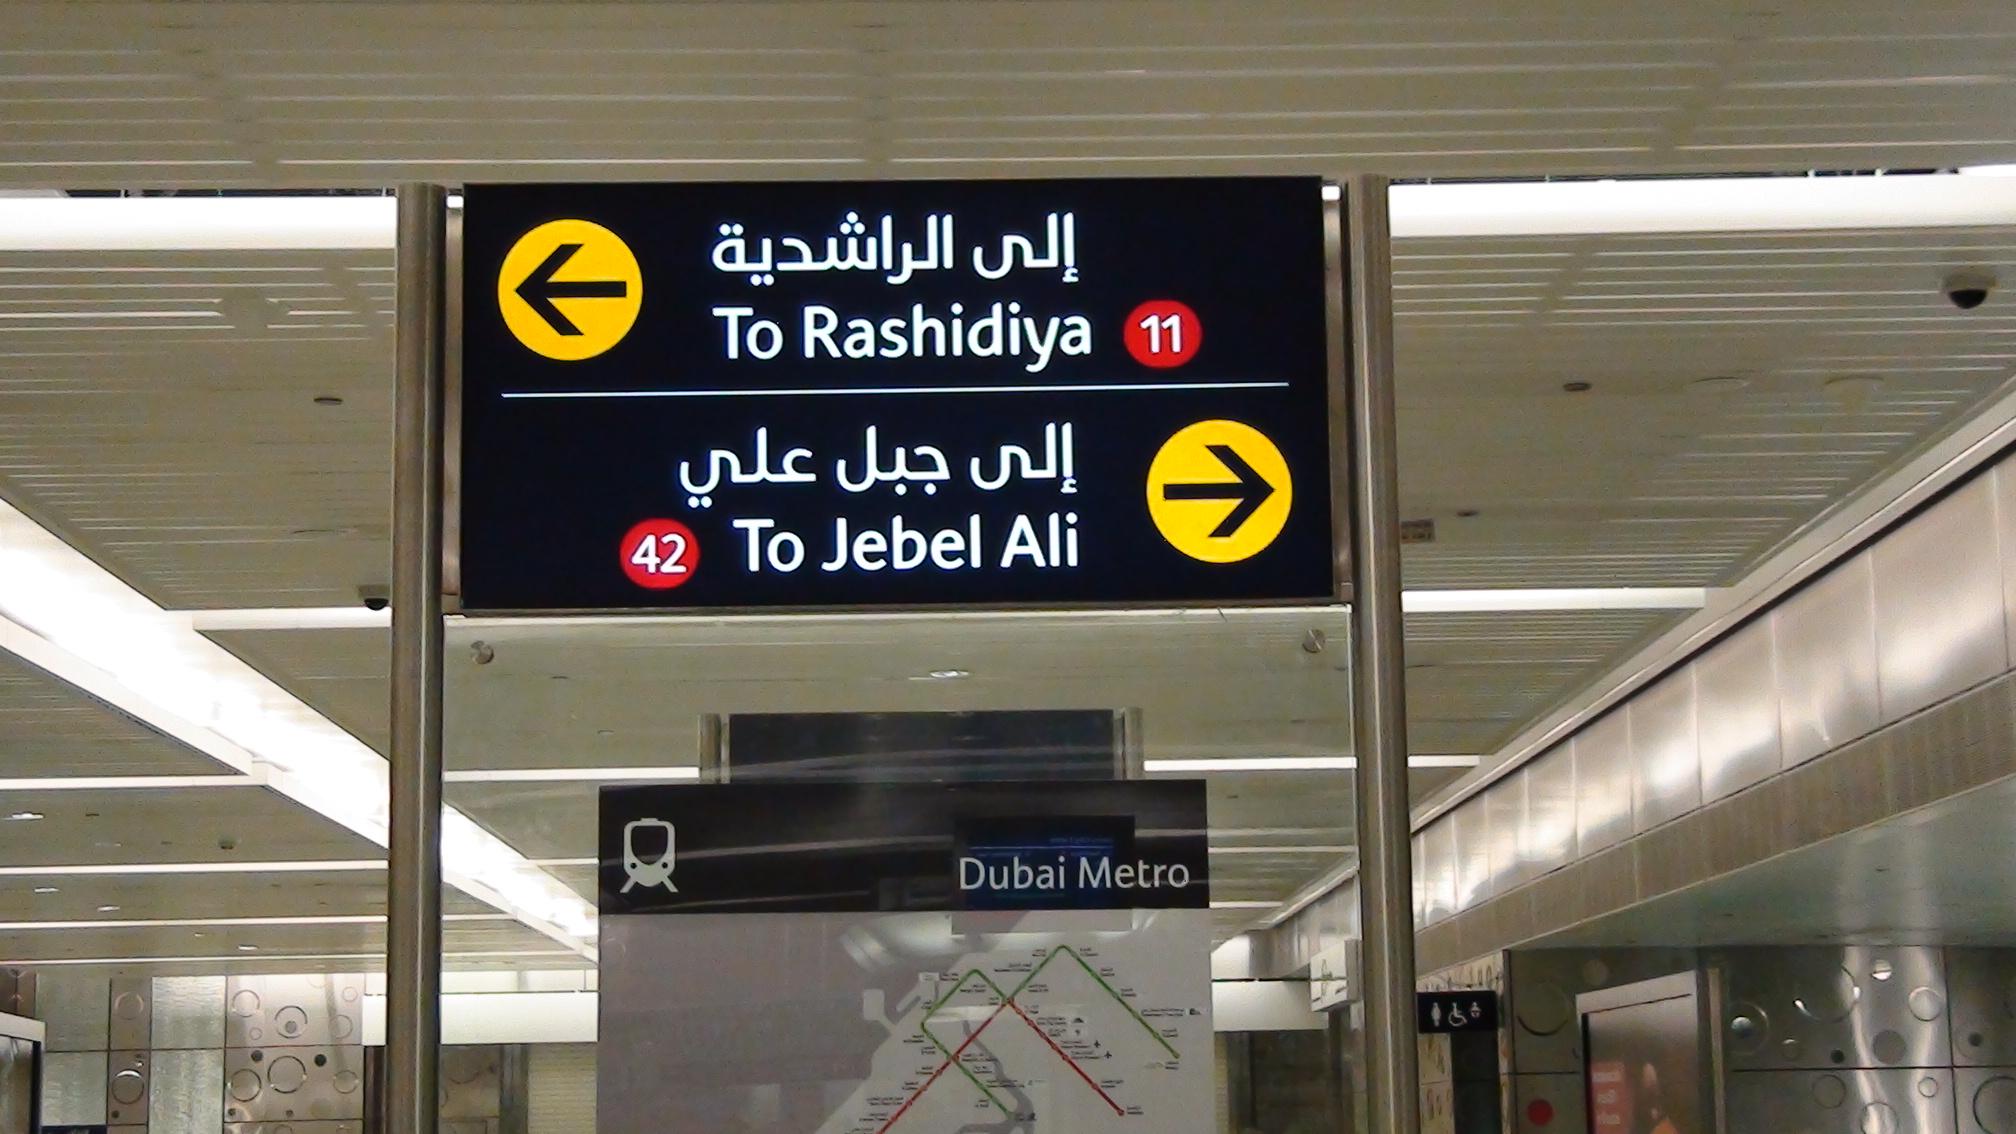 مترو دبى - dubai metro (73)